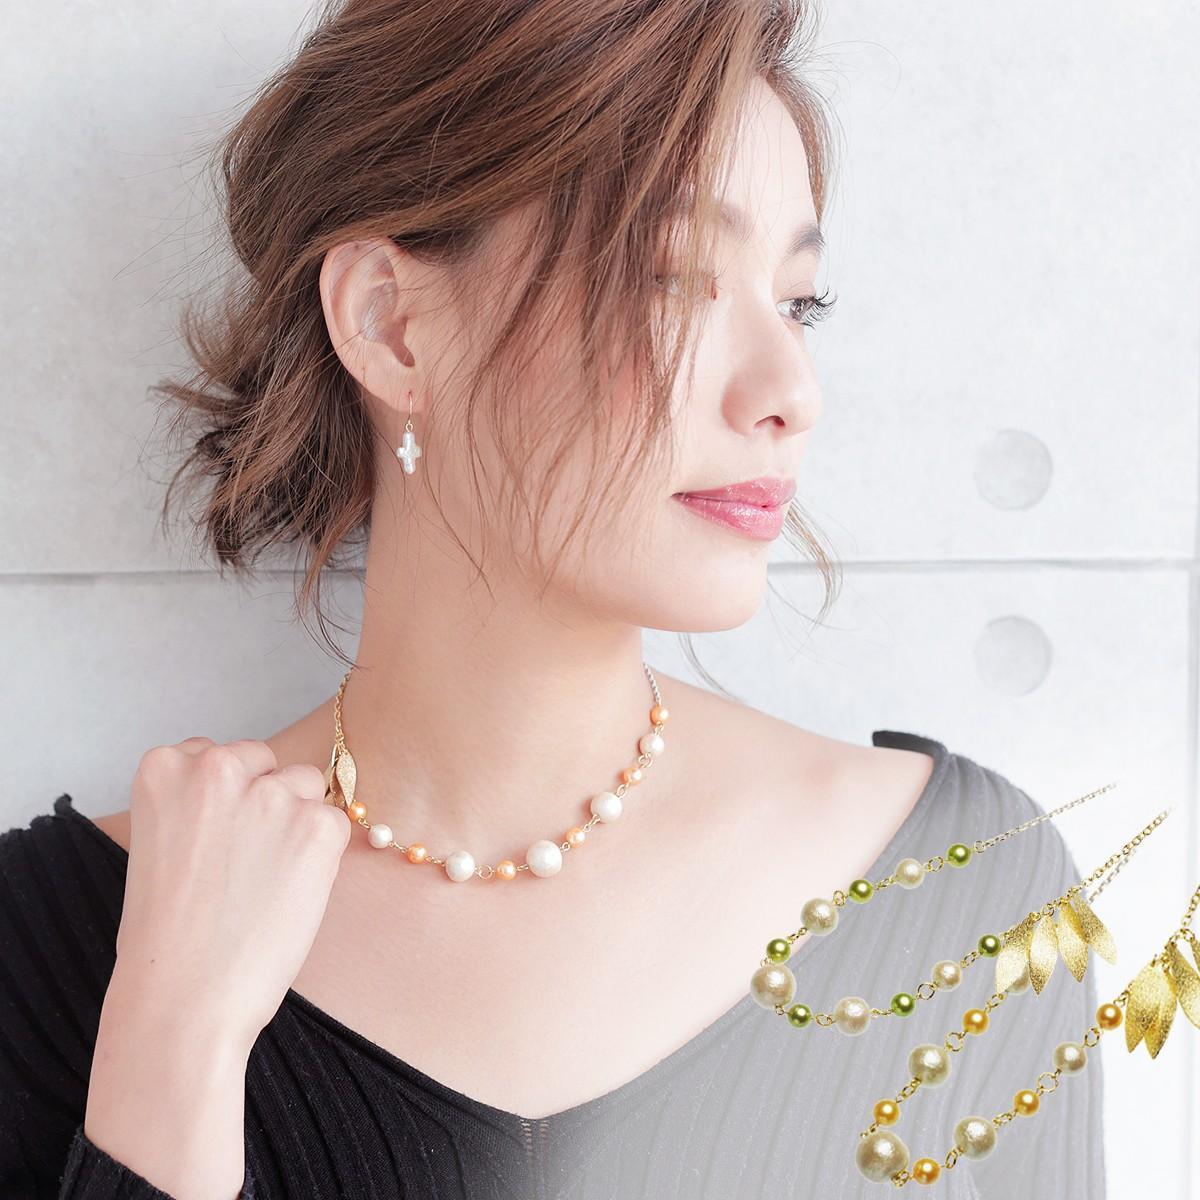 アコヤ真珠オリジナルデザインネックレス 約6.5-7.0の写真